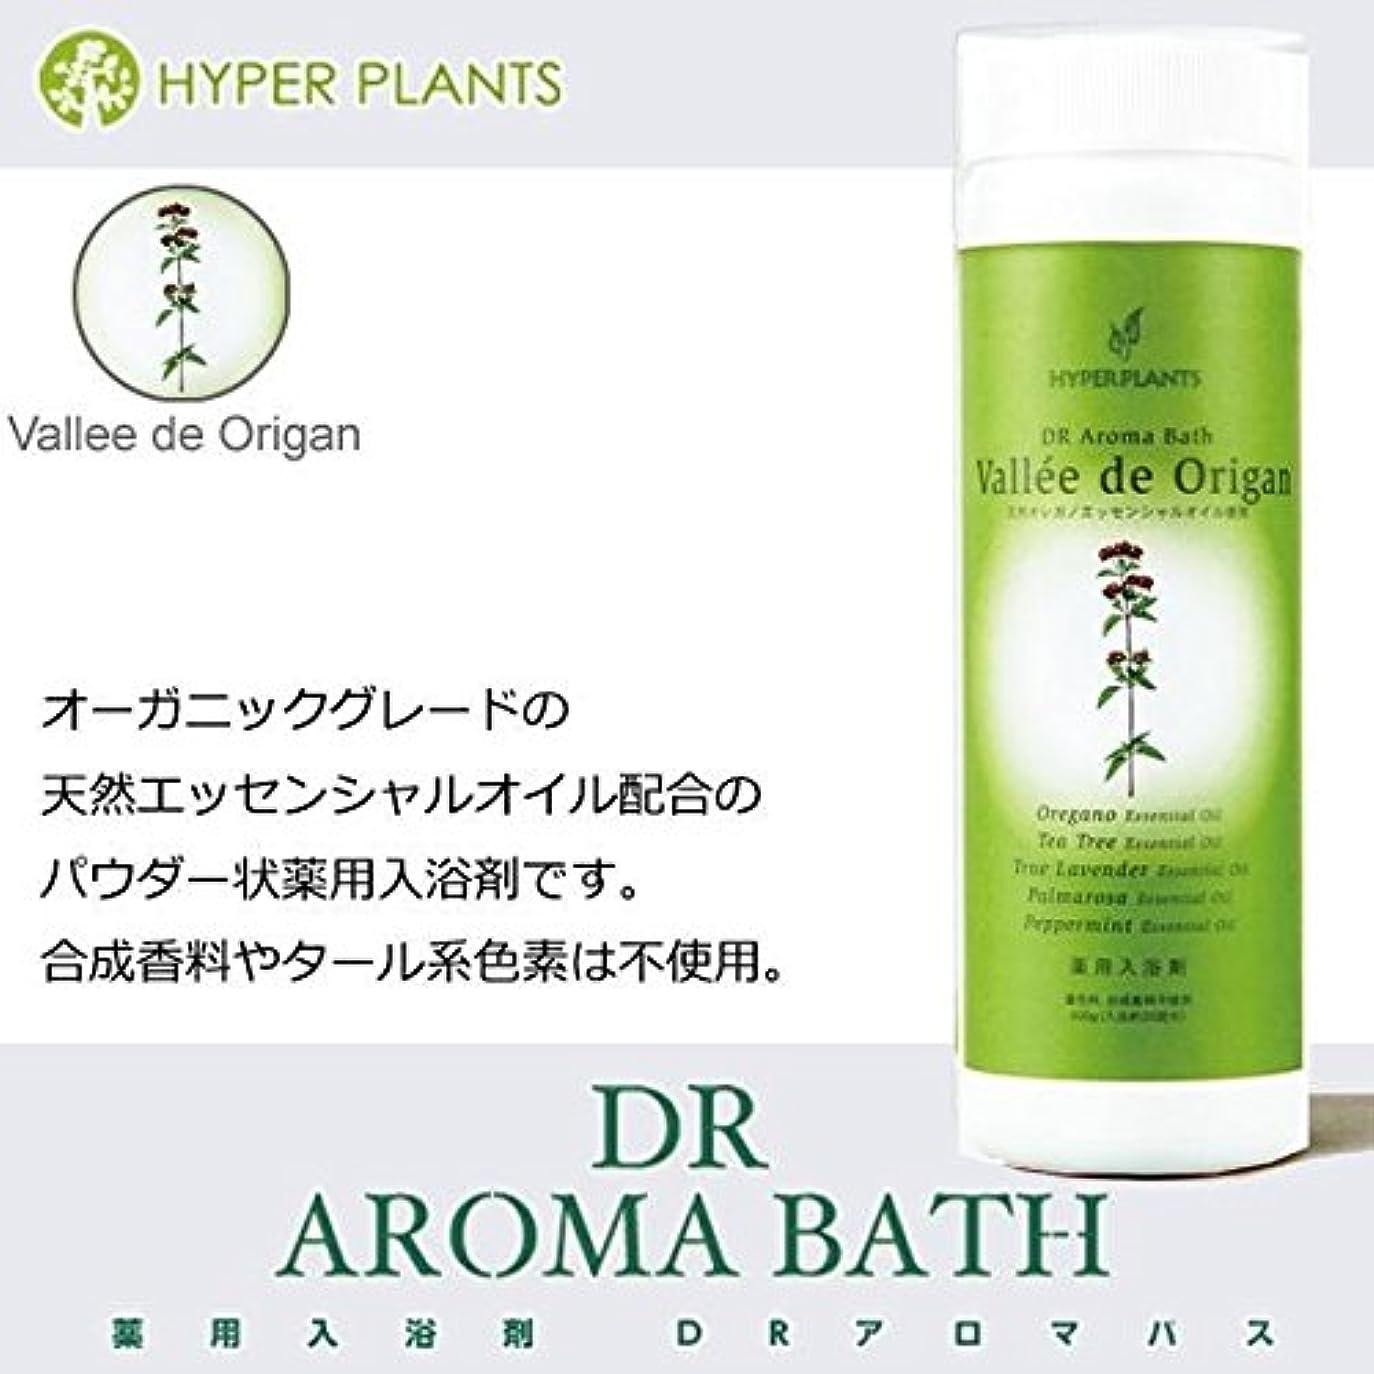 気候カール威信医薬部外品 薬用入浴剤 ハイパープランツ(HYPER PLANTS) DRアロマバス ヴァレドオリガン 500g HN0218